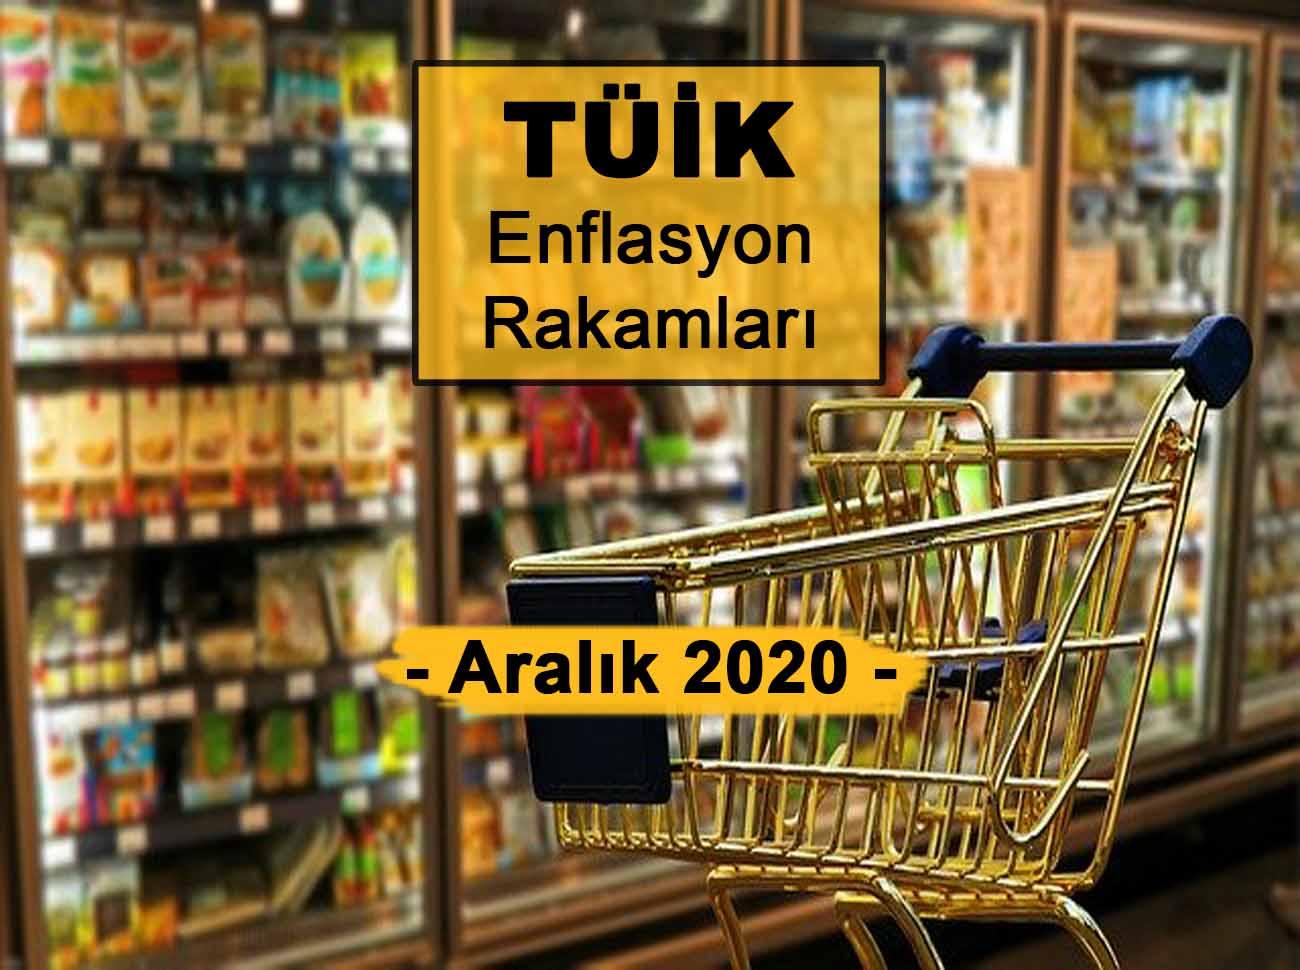 Enflasyon Rakamları (Aralık 2020) Açıklandı